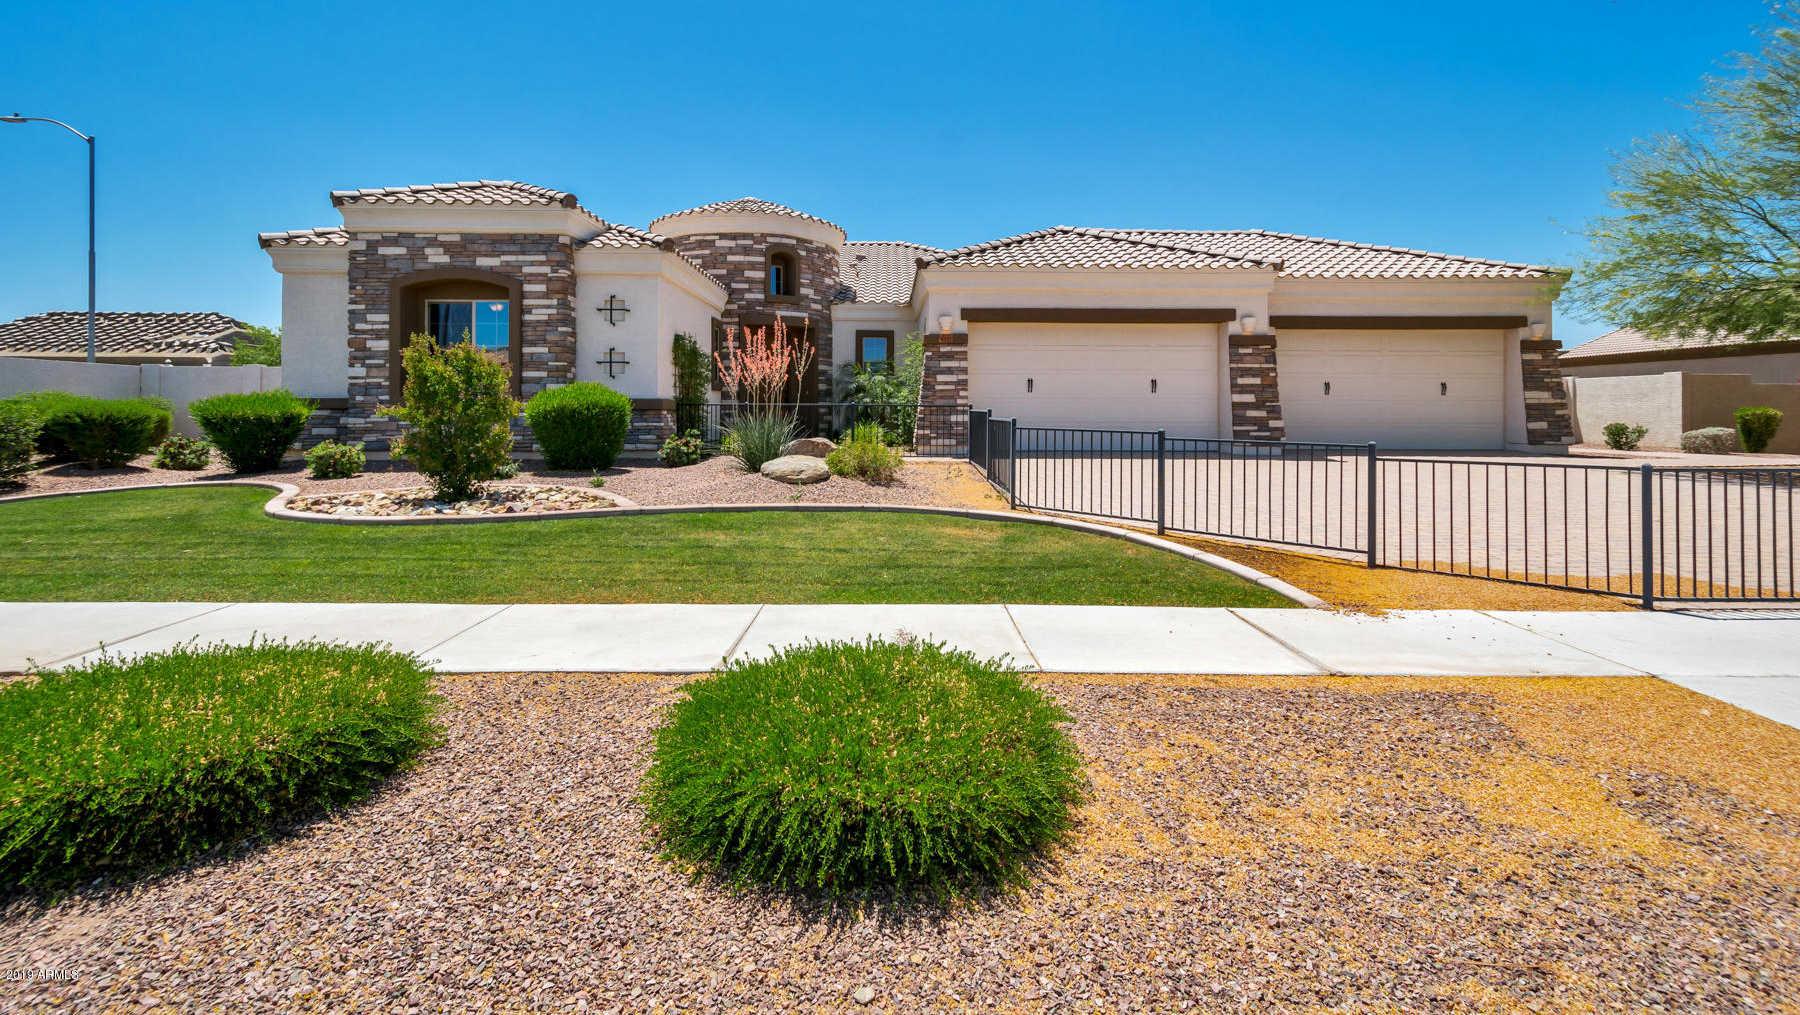 $549,900 - 4Br/4Ba - Home for Sale in Tesoro, Glendale